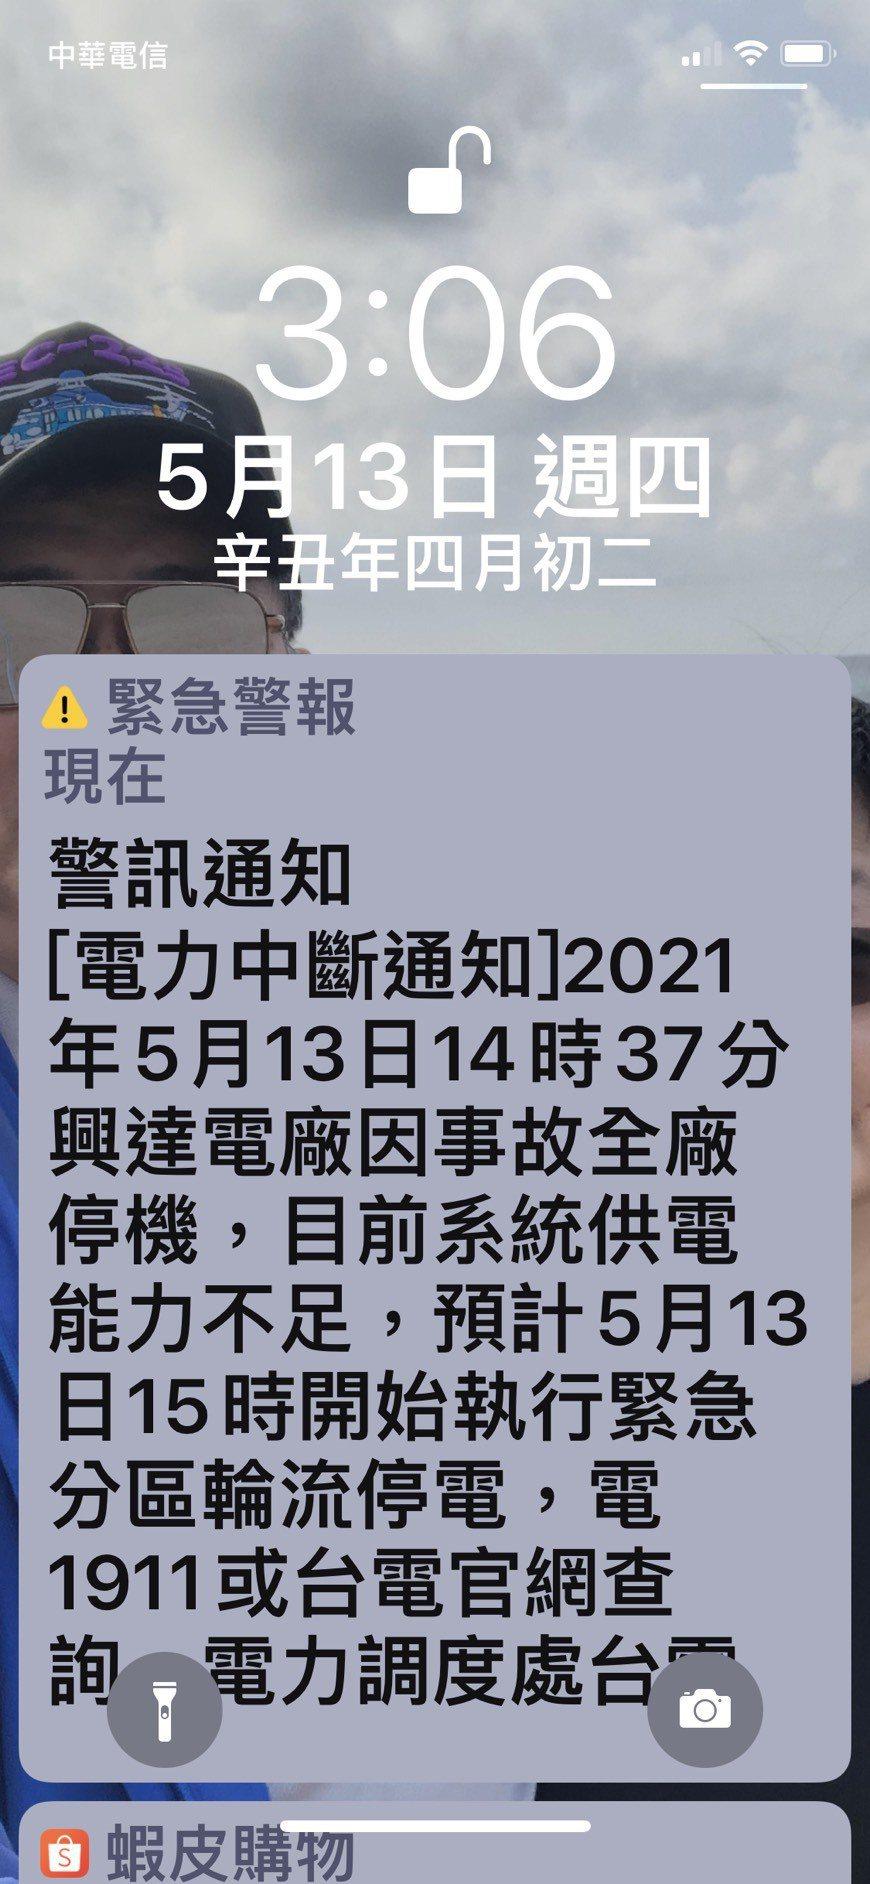 民眾接到緊急停電手機簡訊。記者魯永明/翻攝